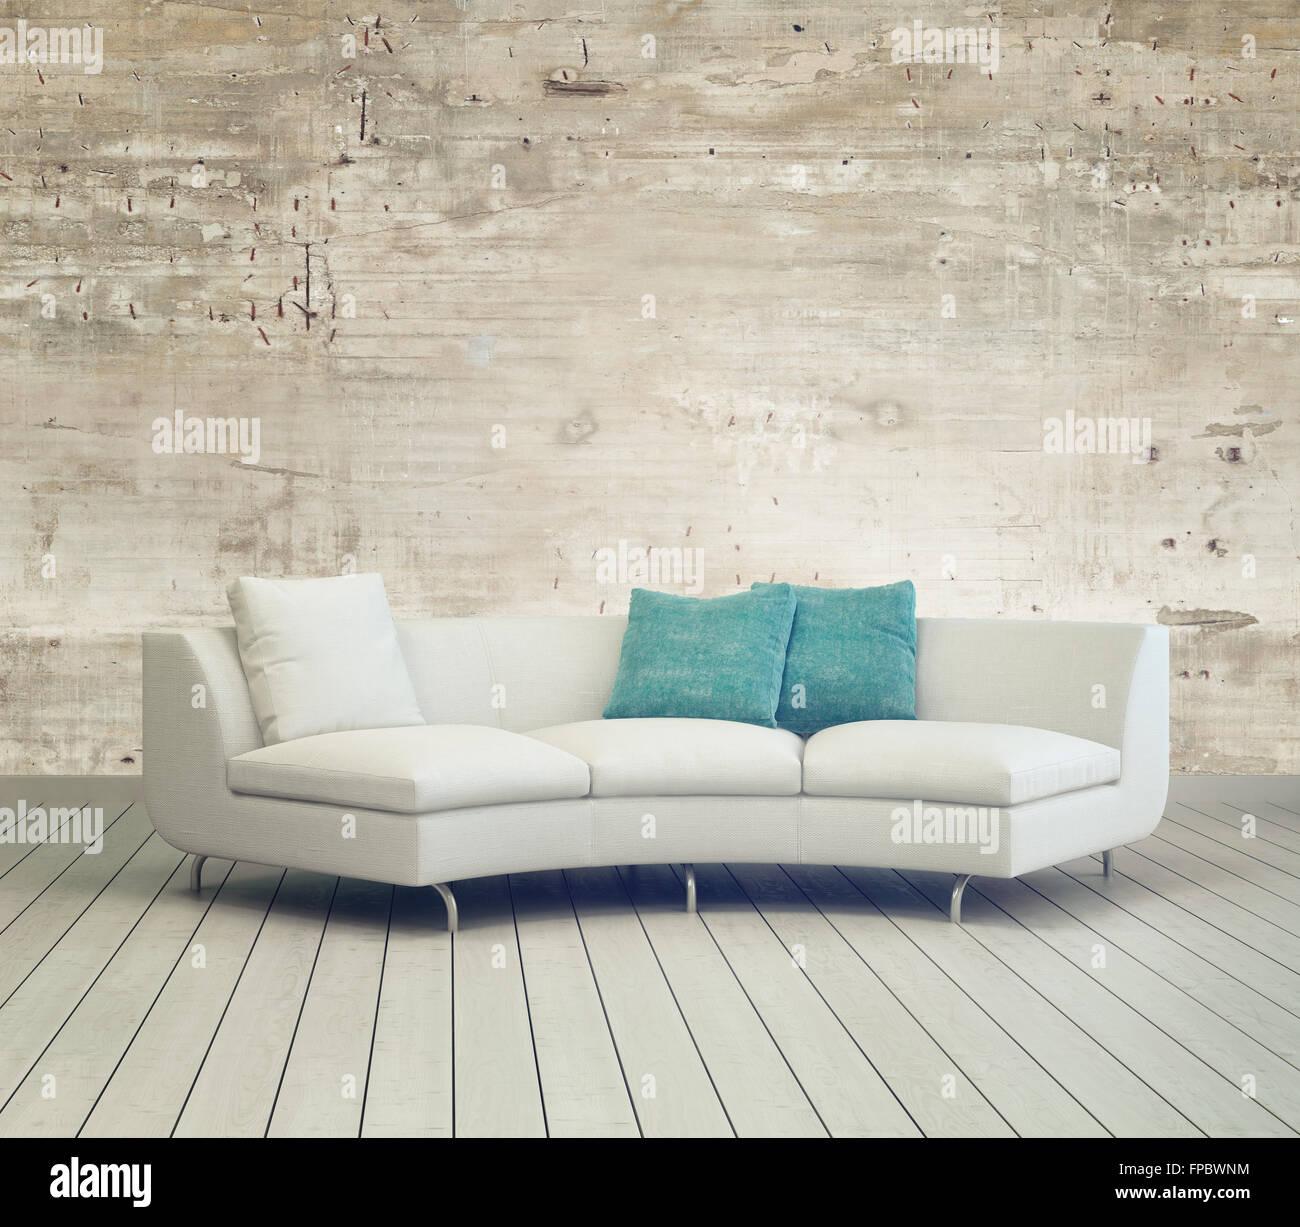 Weiße Couch Möbel Im Gemütlichen Wohnzimmer Mit Unfertigen Wandgestaltung  Hintergrund Und Holzboden.